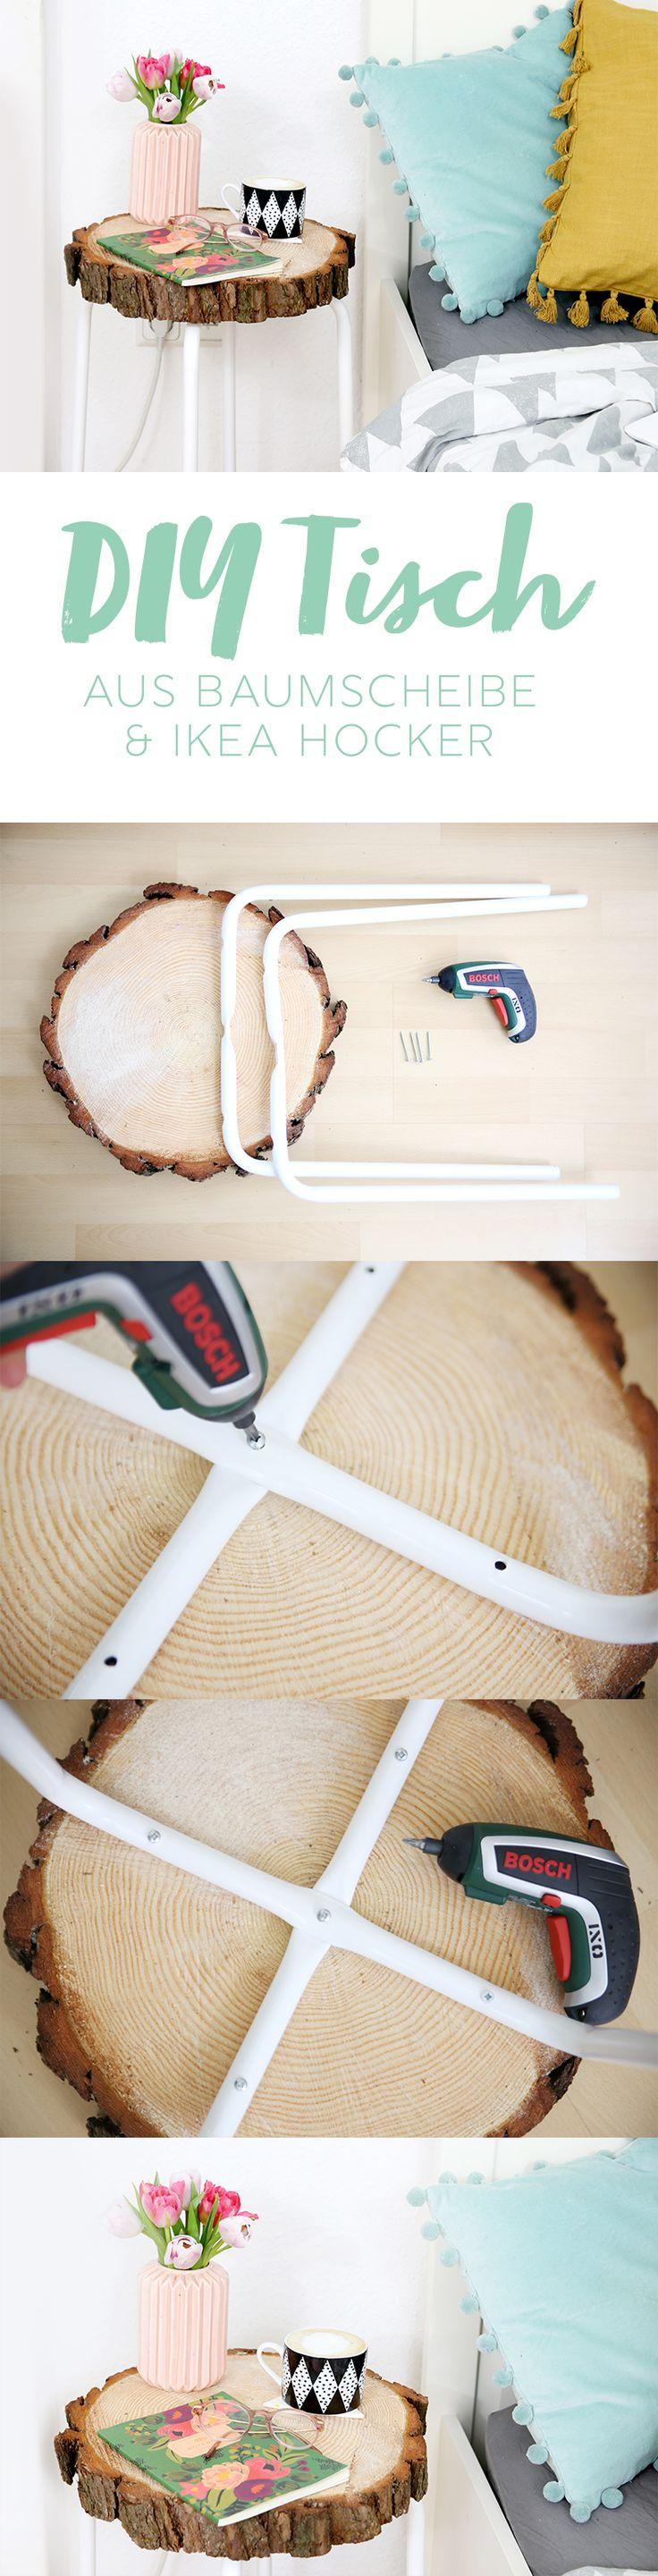 Kreative DIY Idee mit Ikea Hack: Tisch aus Holzscheibe selber machen mit Ikea Hocker Marius | DIY Anleitung | DIY Blog